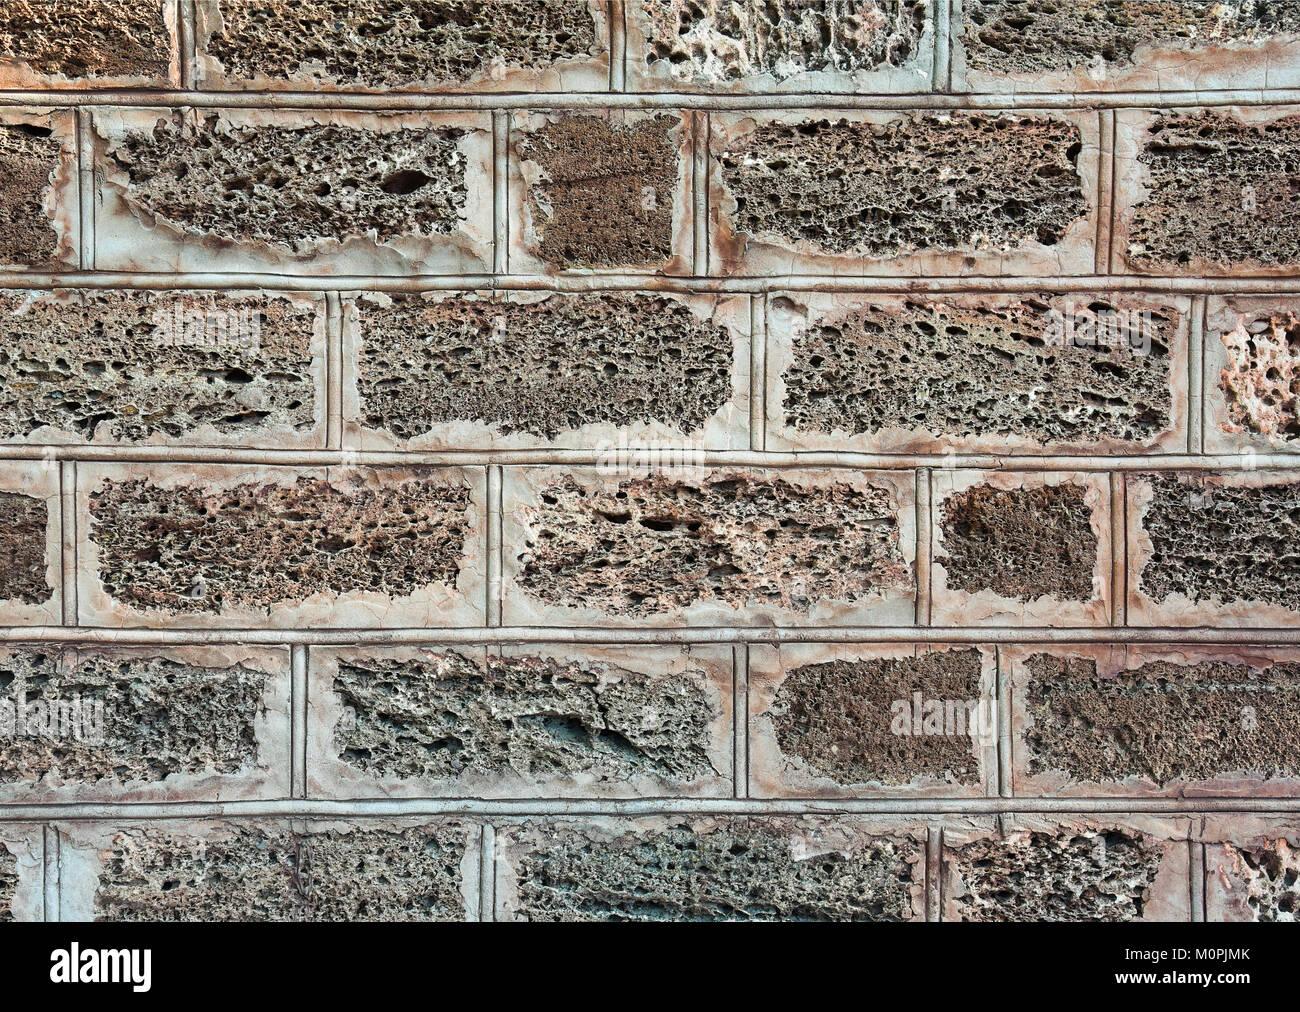 Sedimentgestein Mauer Zaun Aussen Textur Weit Verbreitet In Den